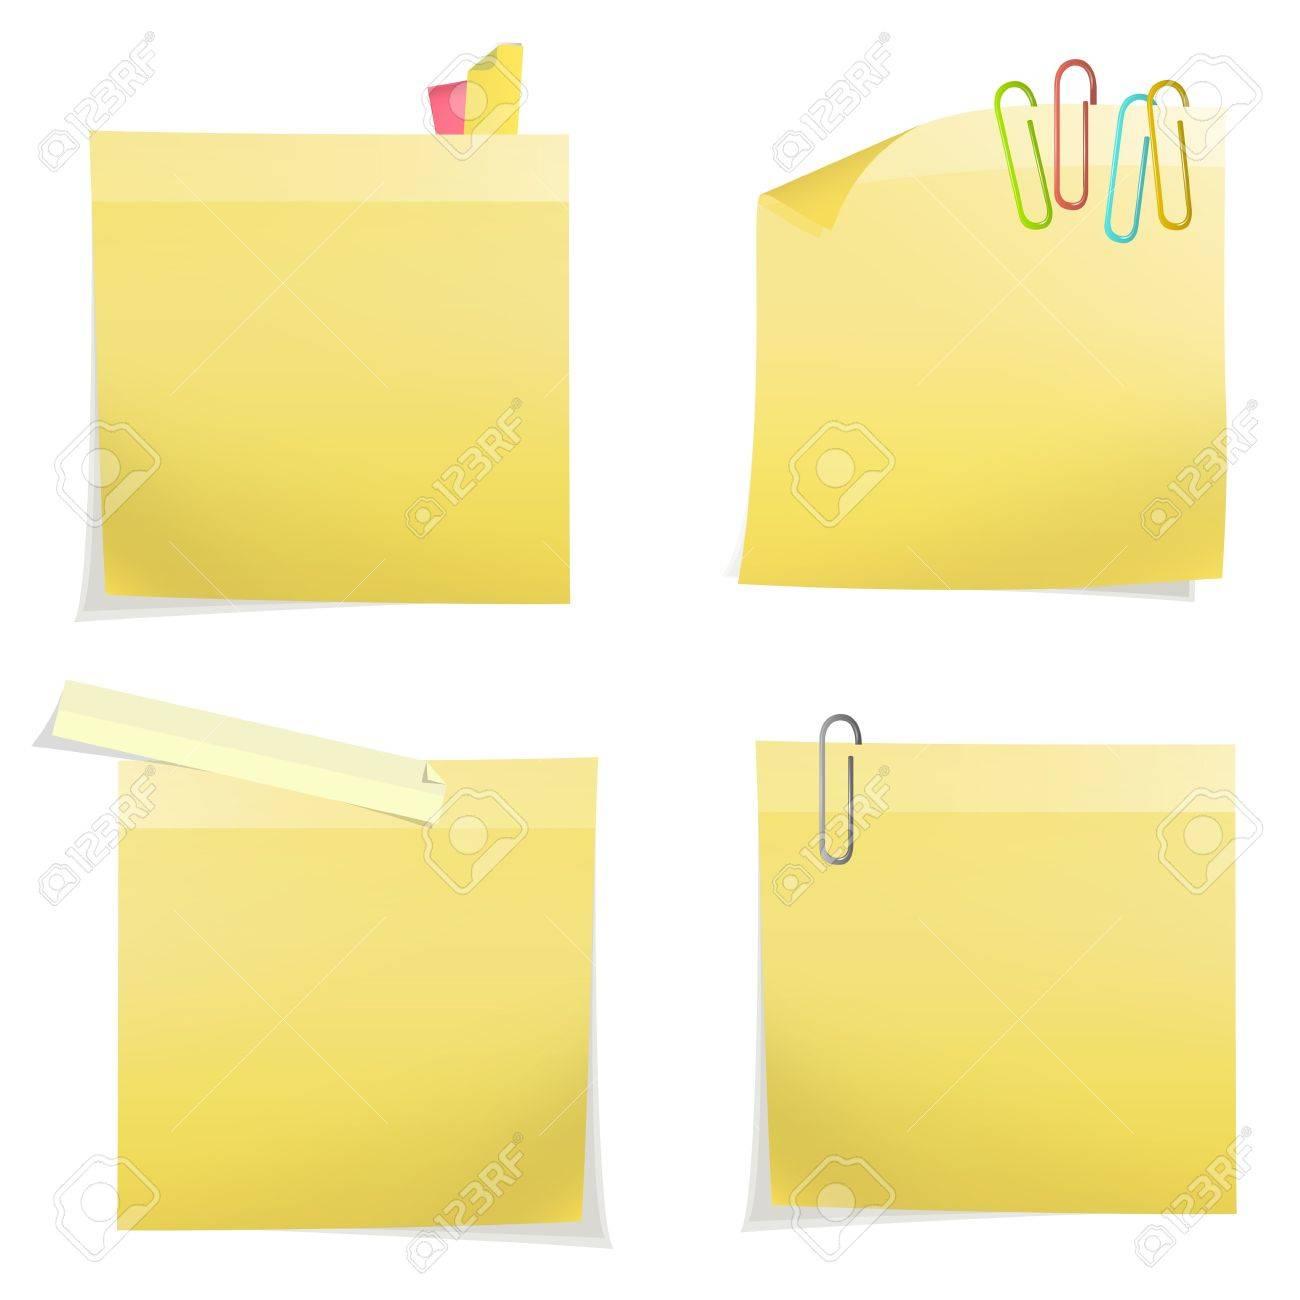 Yellow post it. Vector design Stock Vector - 18255356